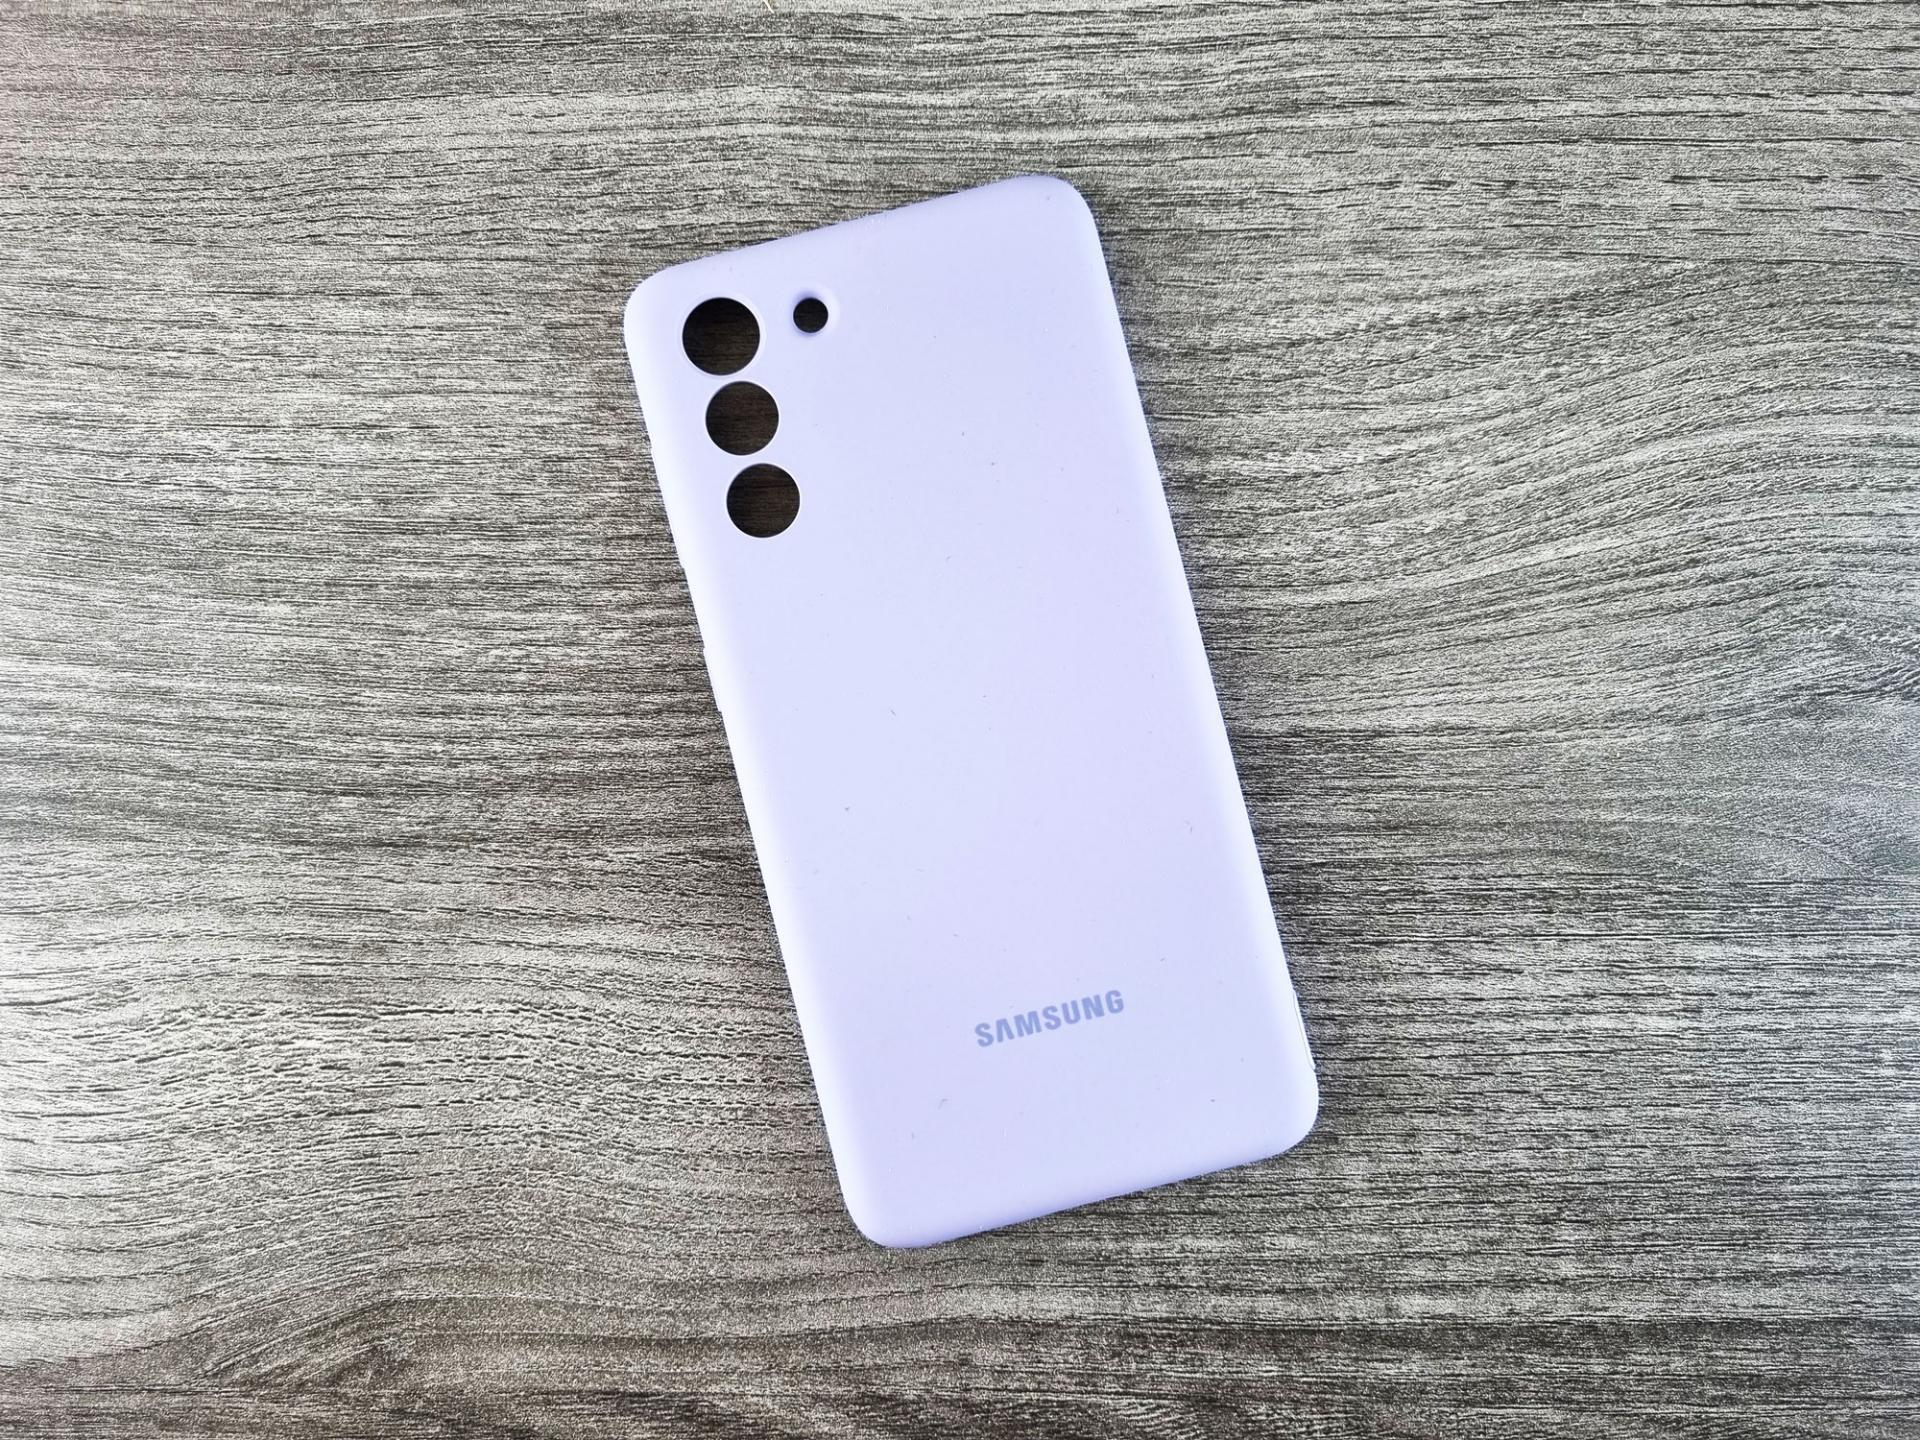 Samsung может запартнёрится с производителем оптики для камер своих смартфонов